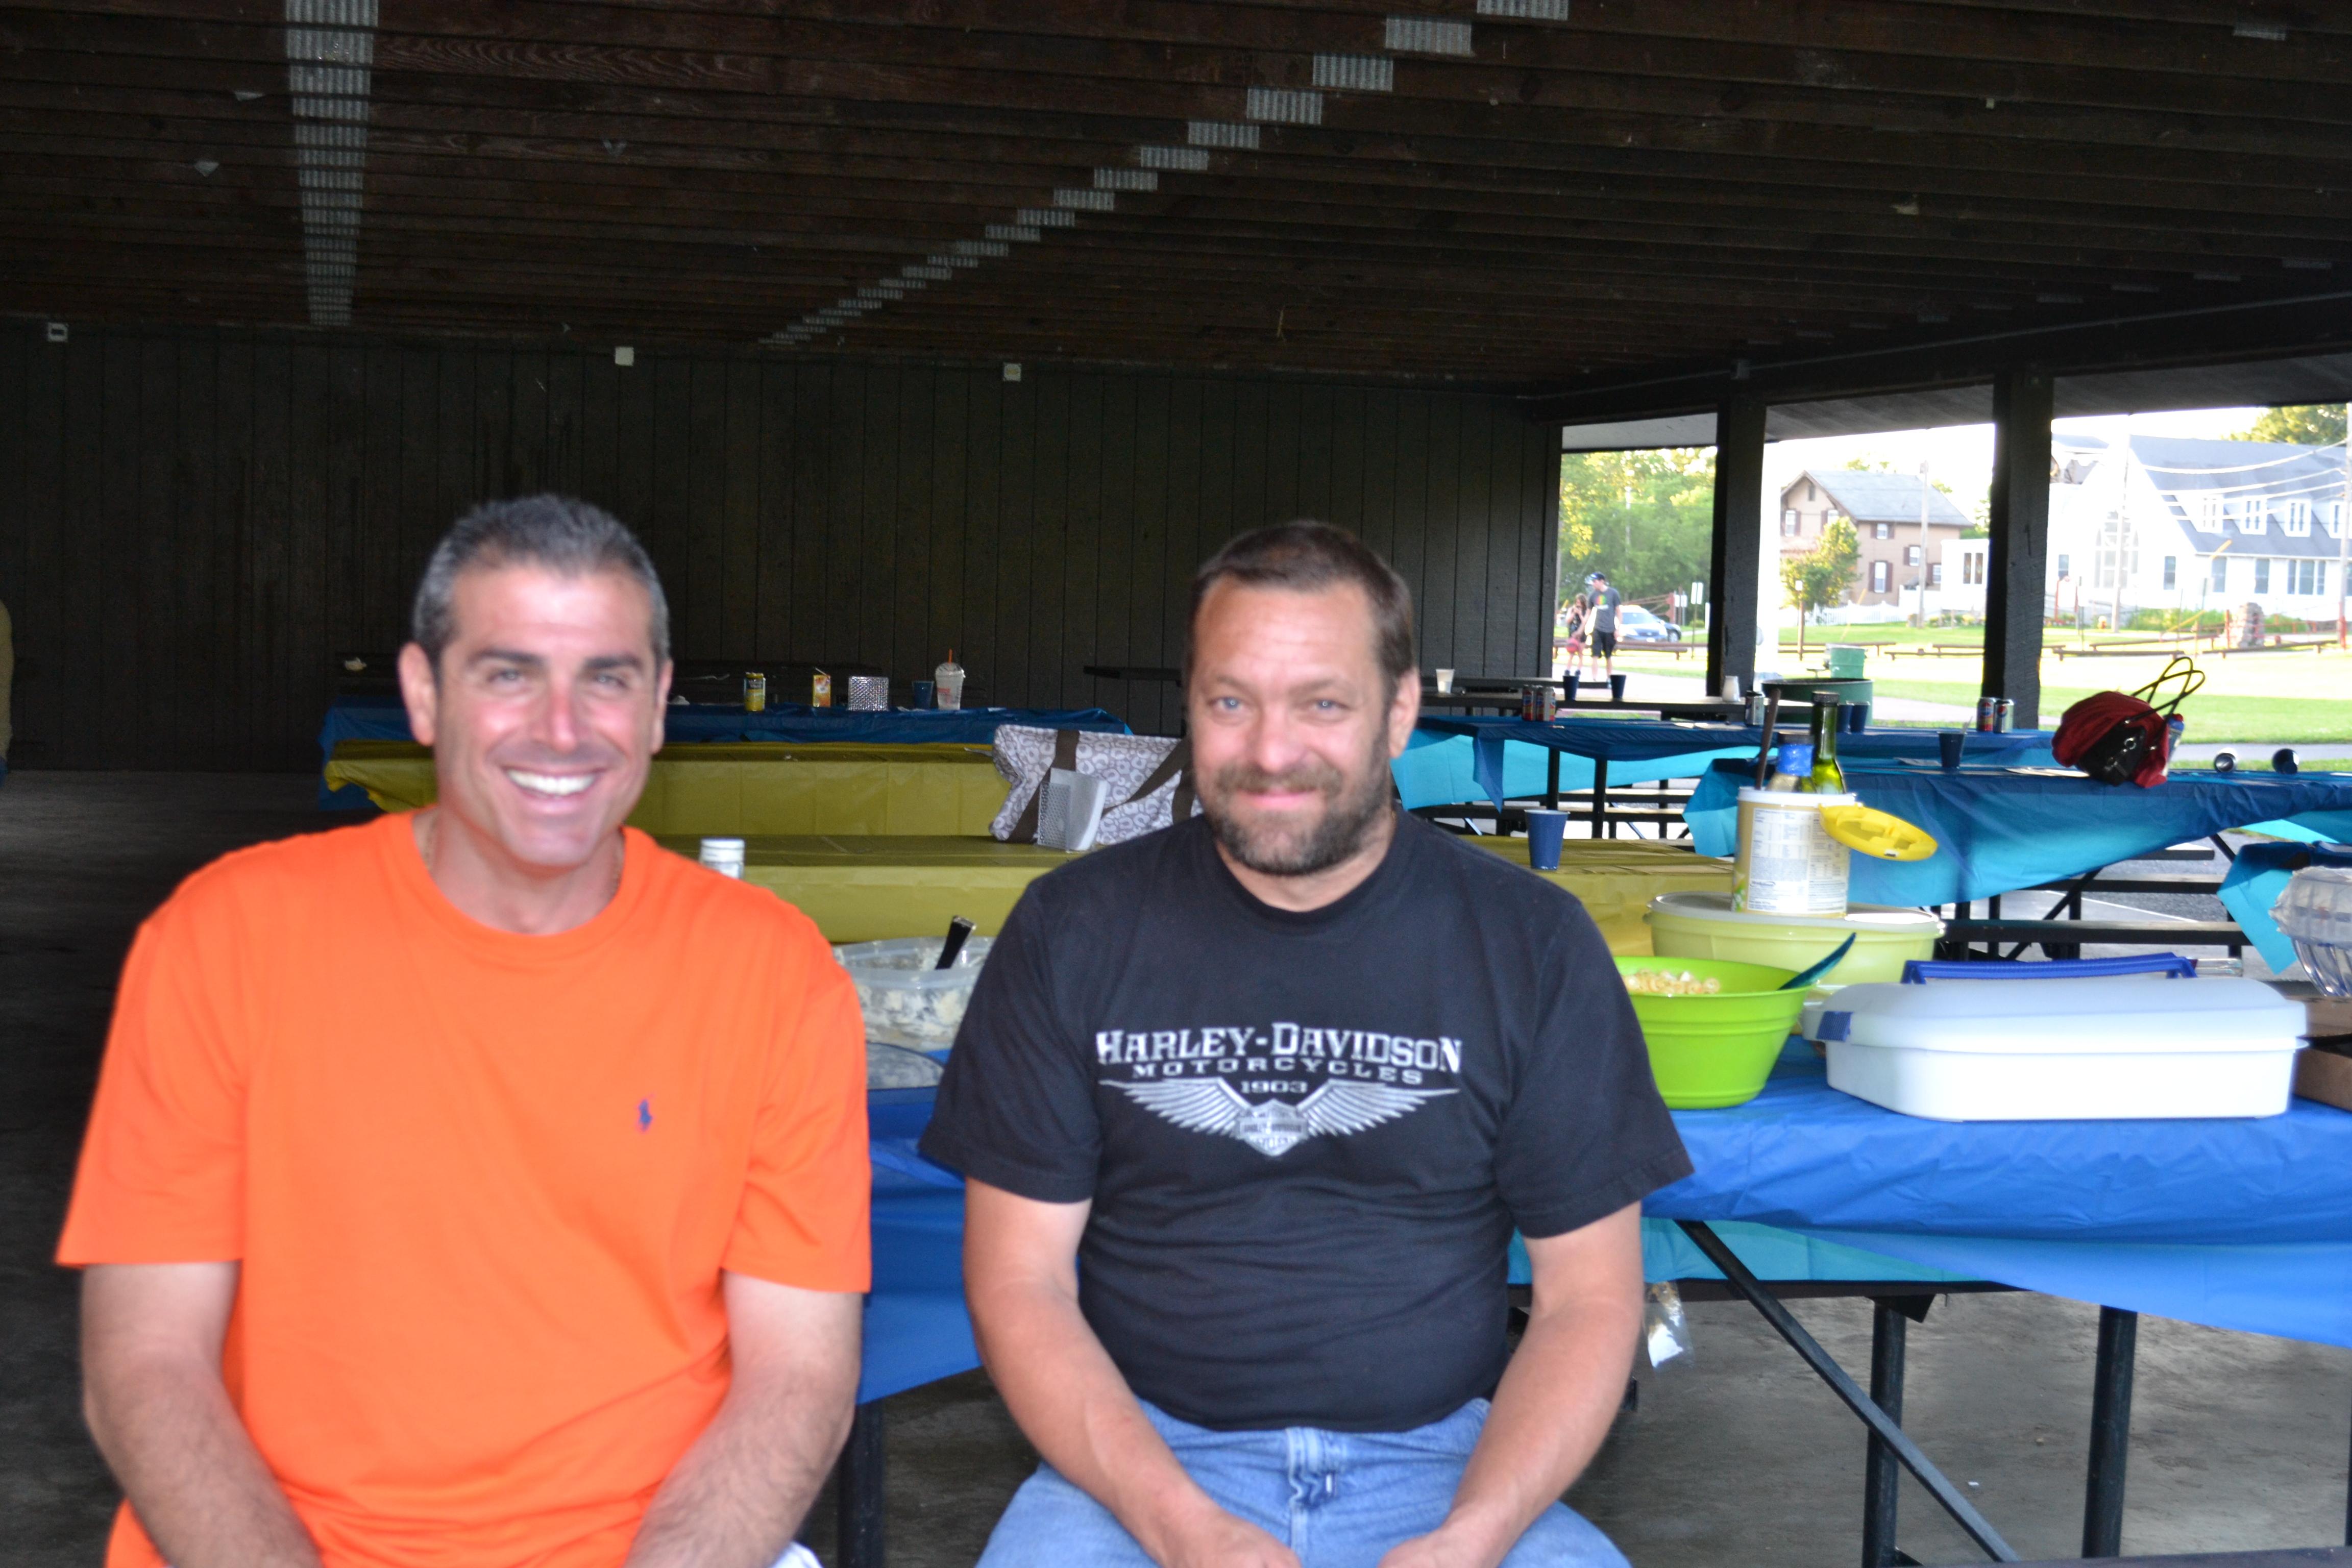 Jeff & Paul